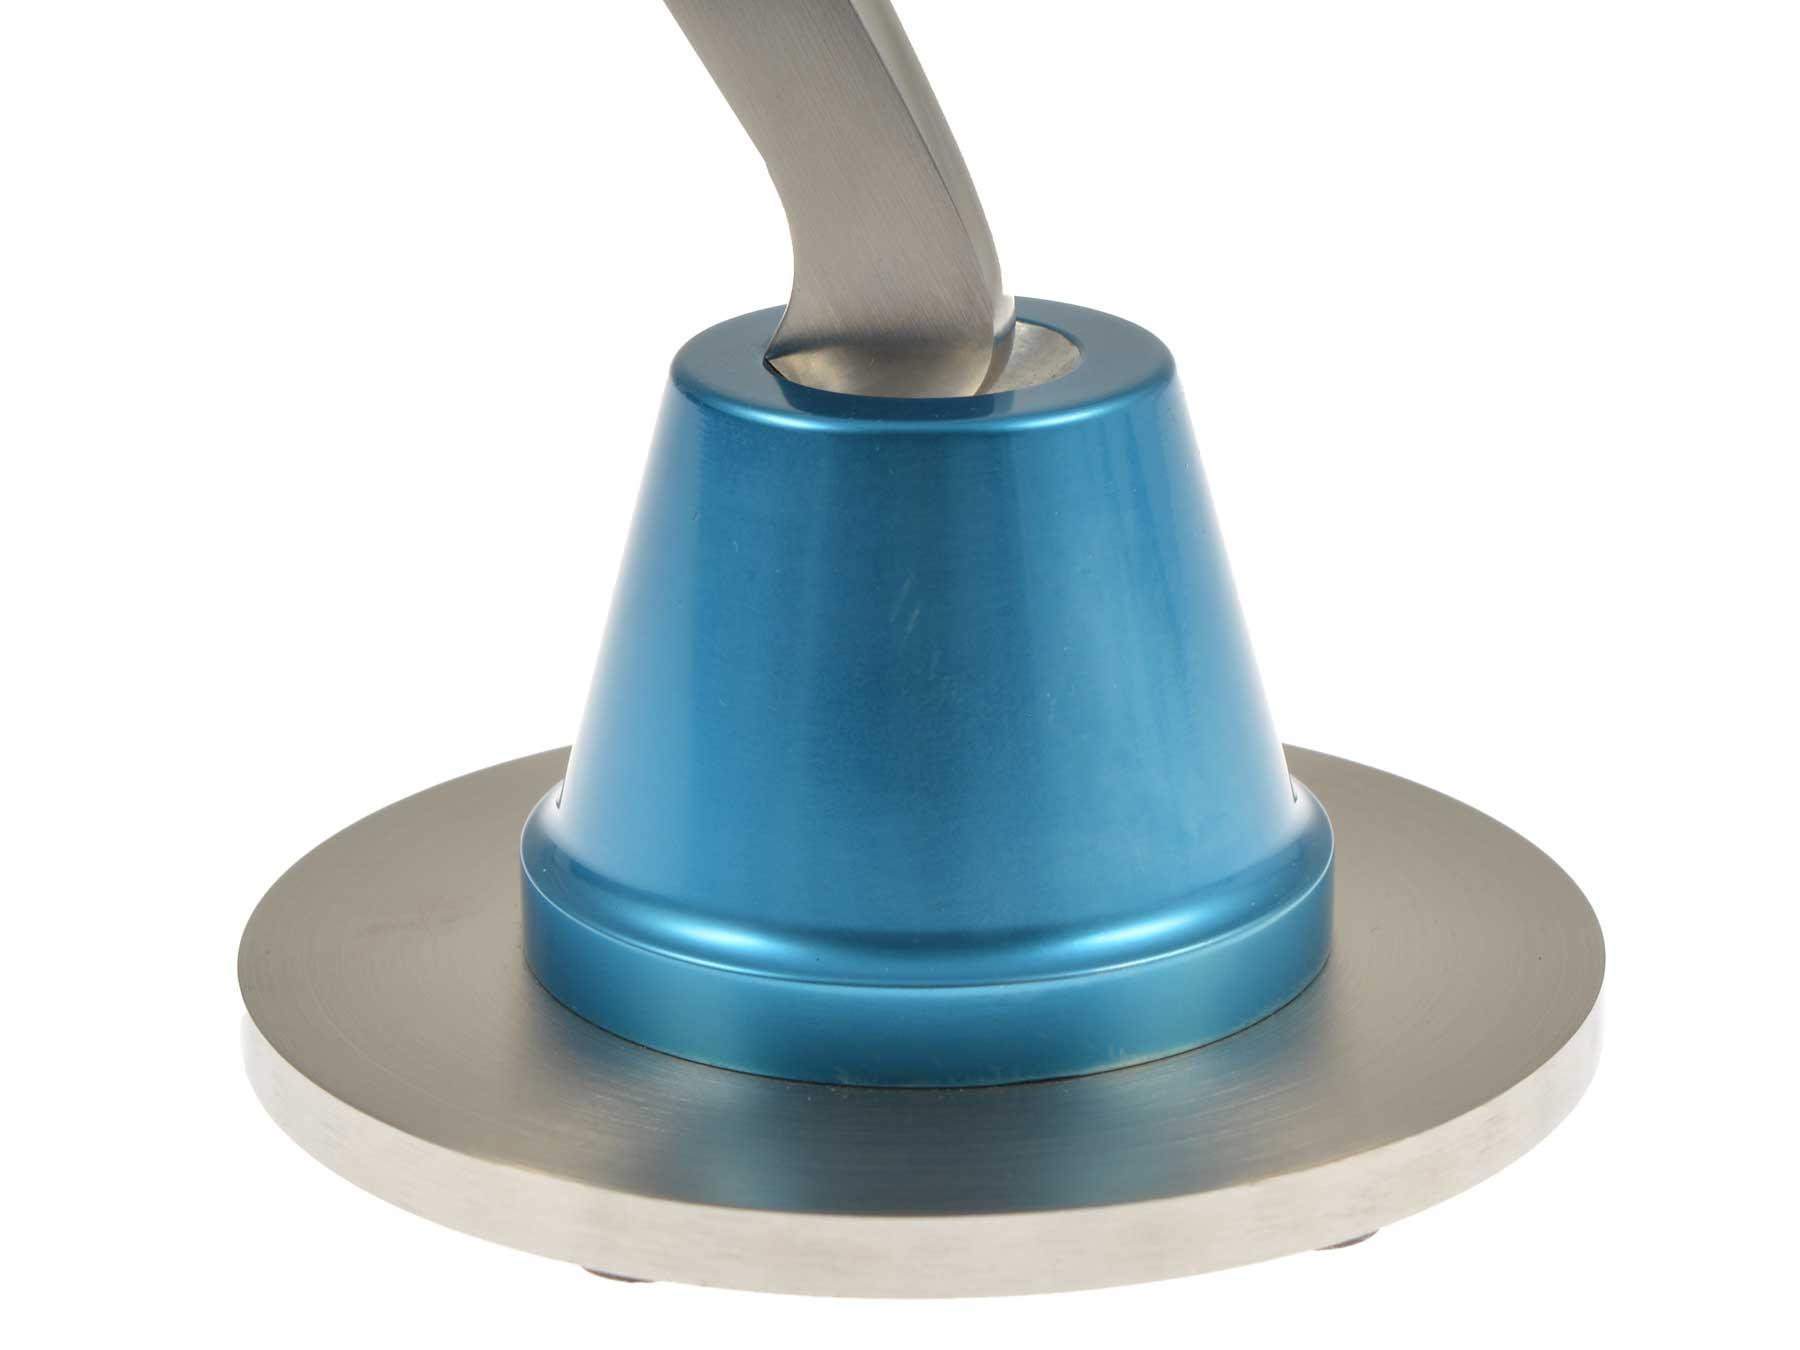 Güde Messerständer Vesuv blau